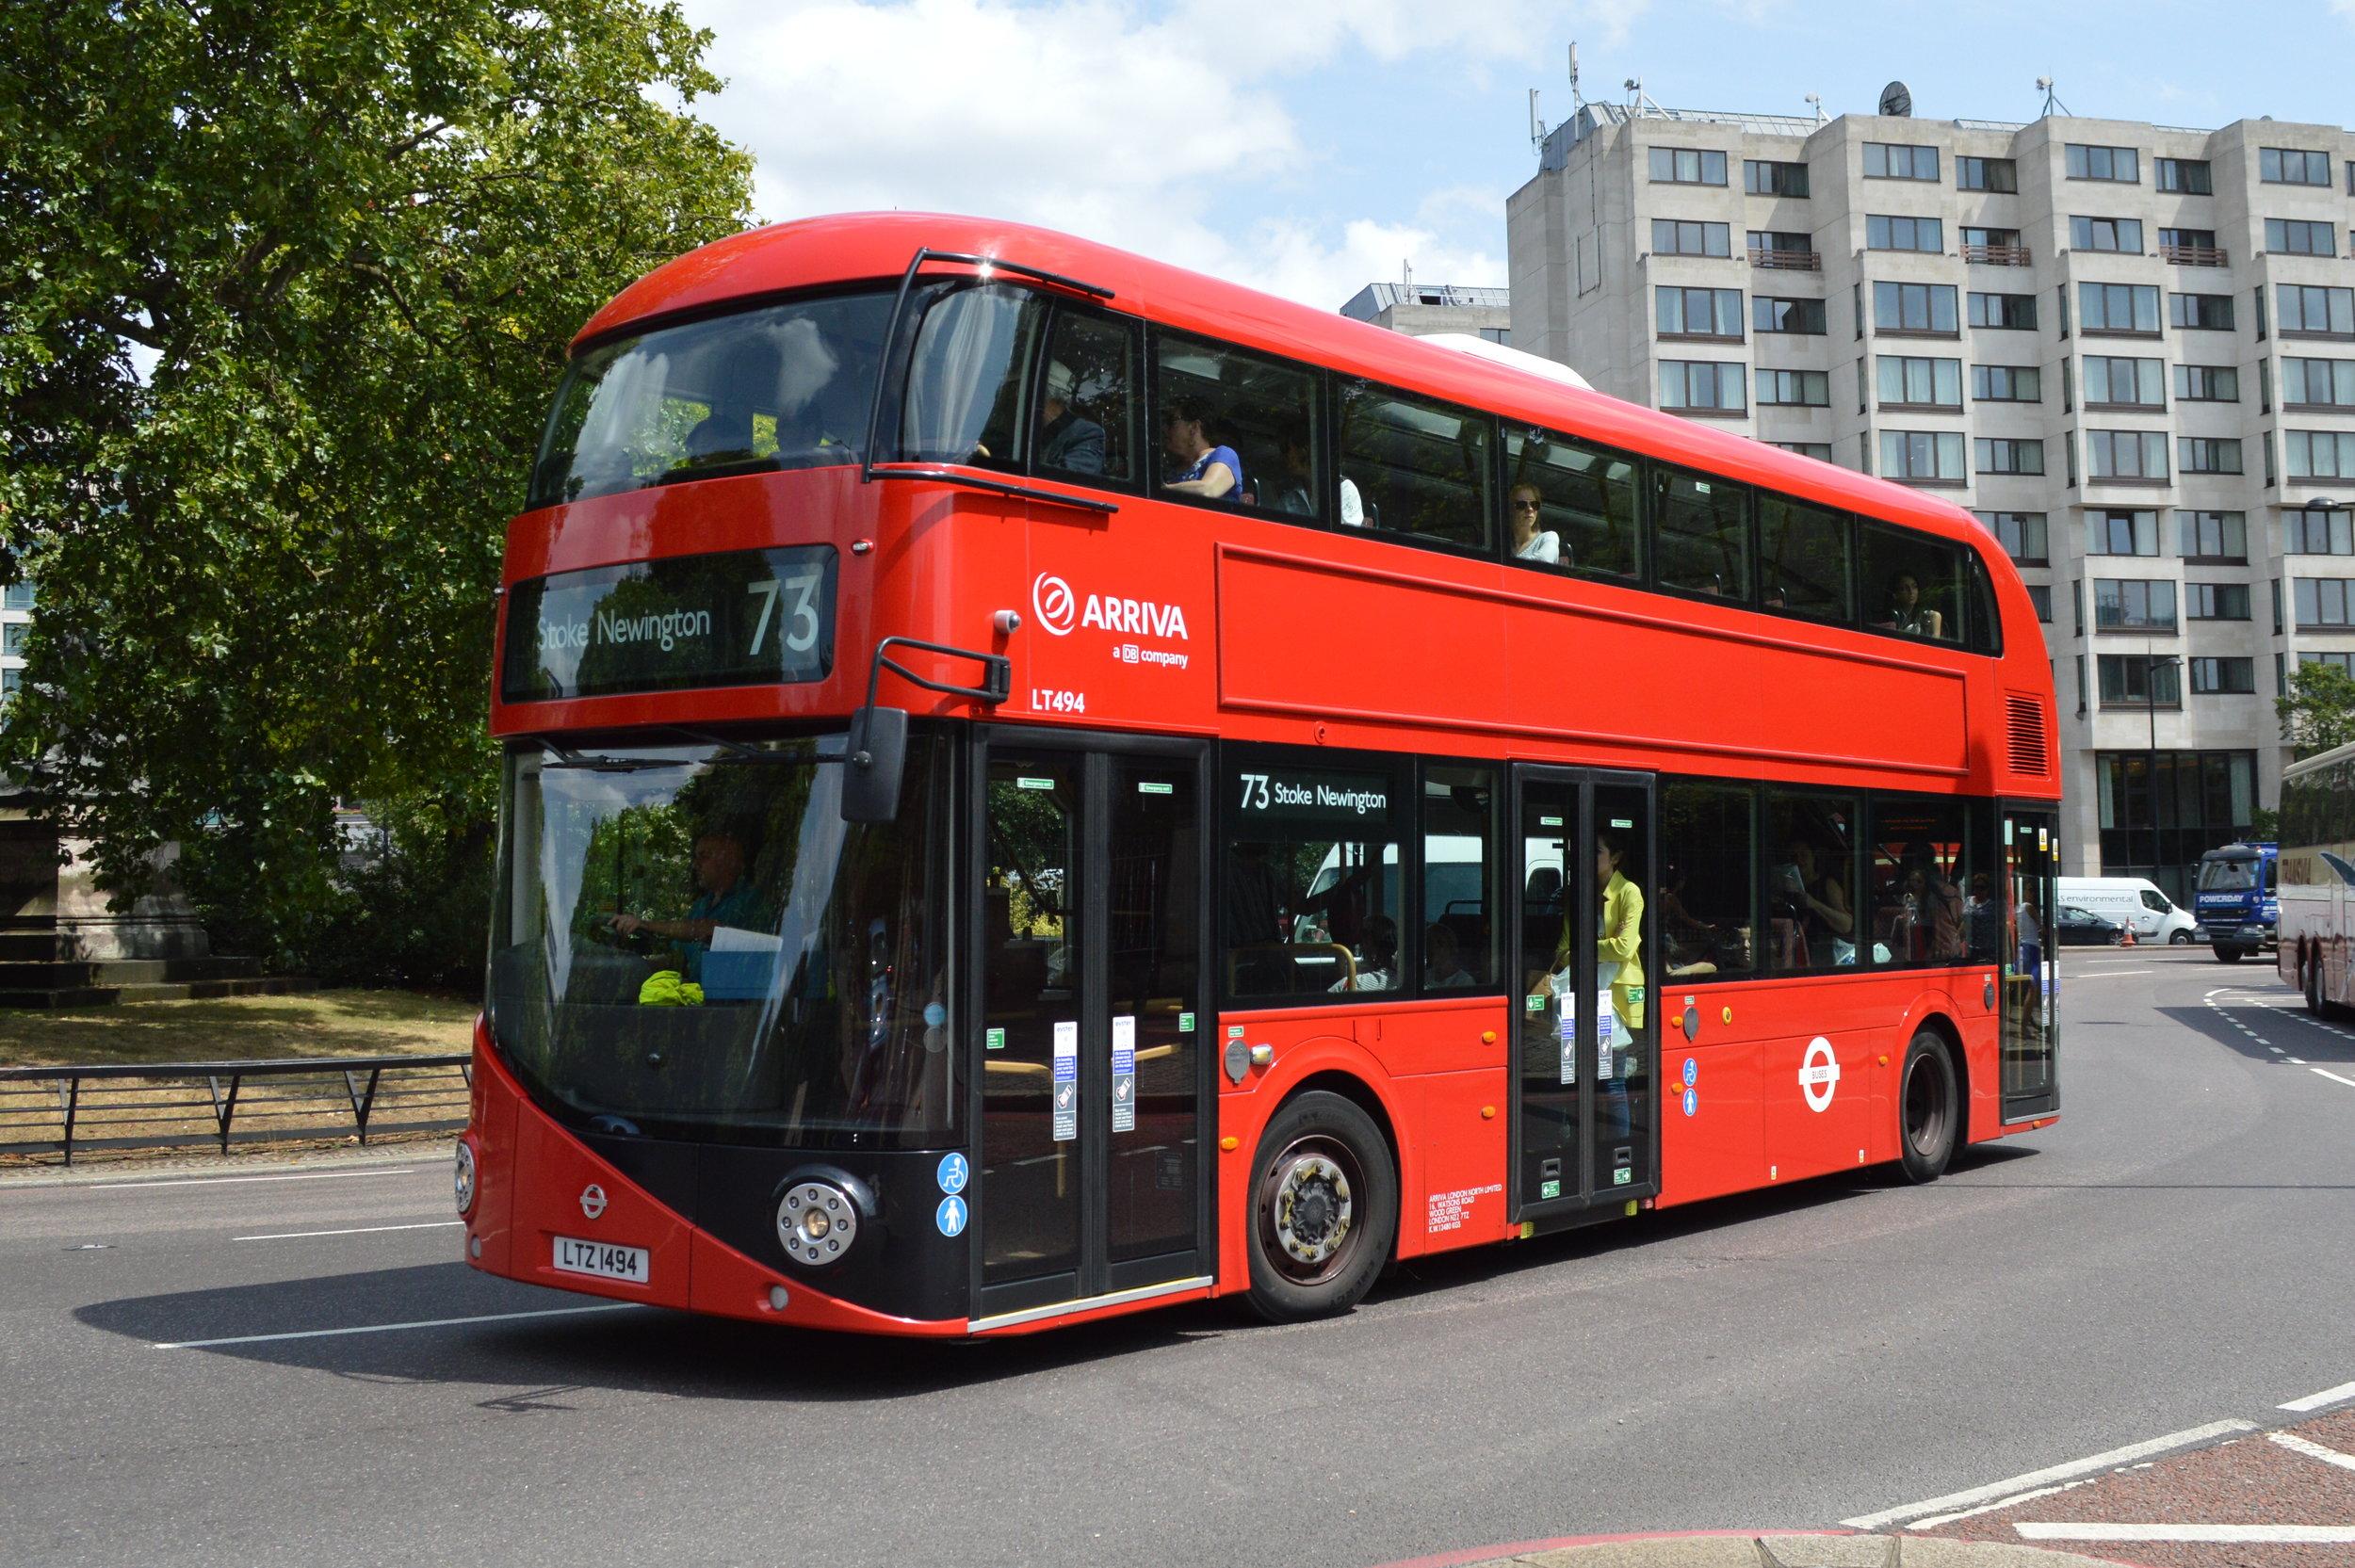 New Routemaster v ulicích Londýna. (zdroj: Wikipedia.org)